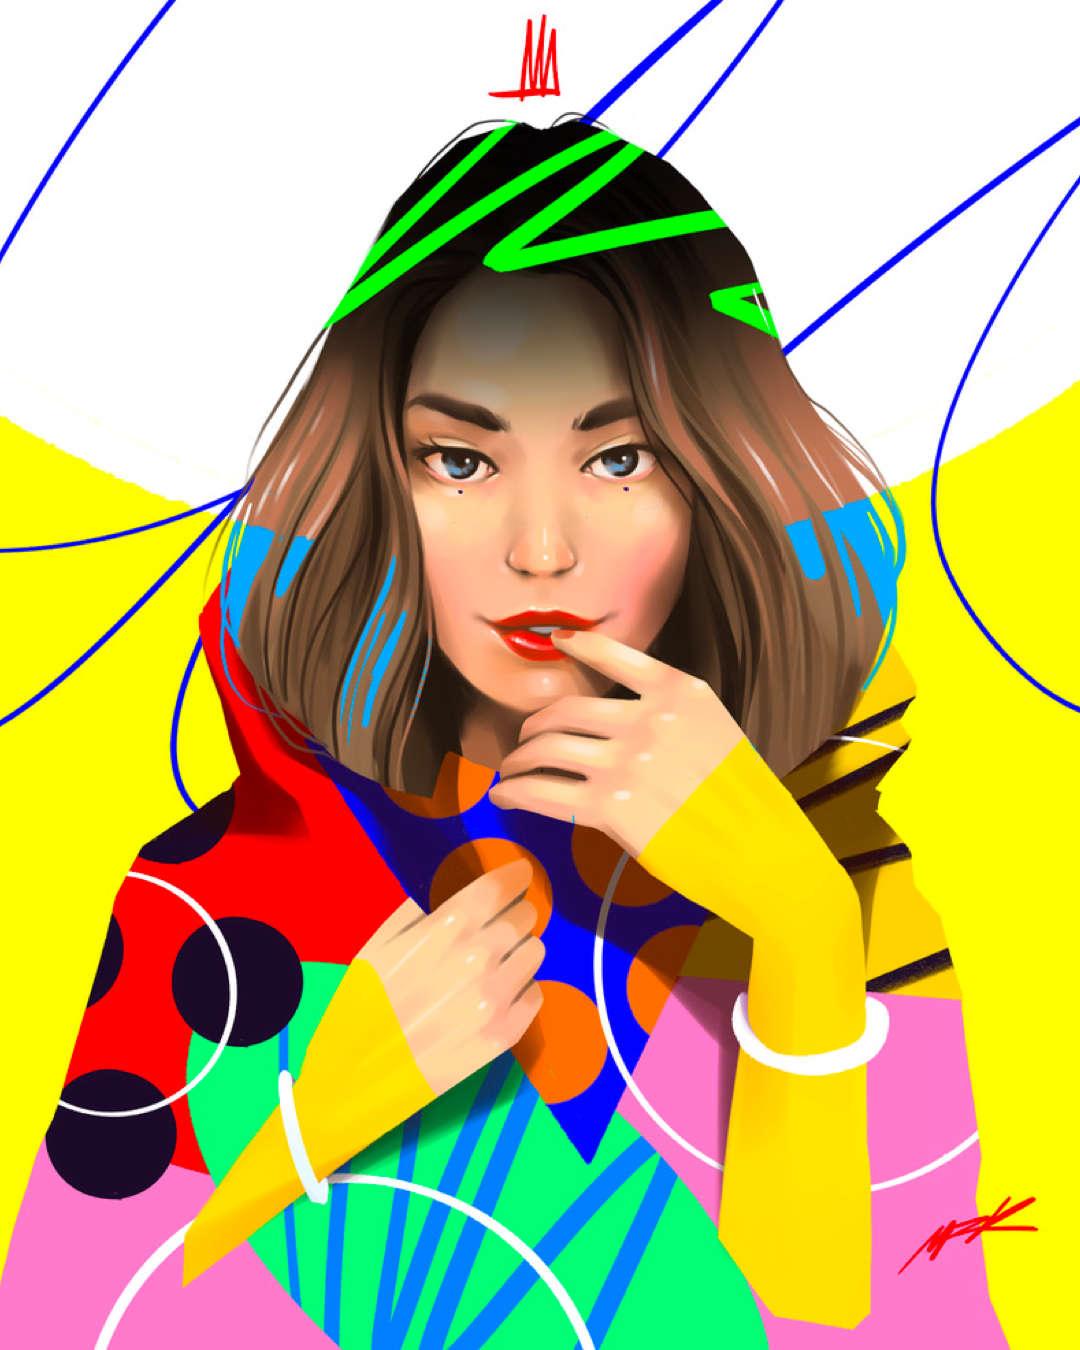 cult-new-A-color1 copy_result